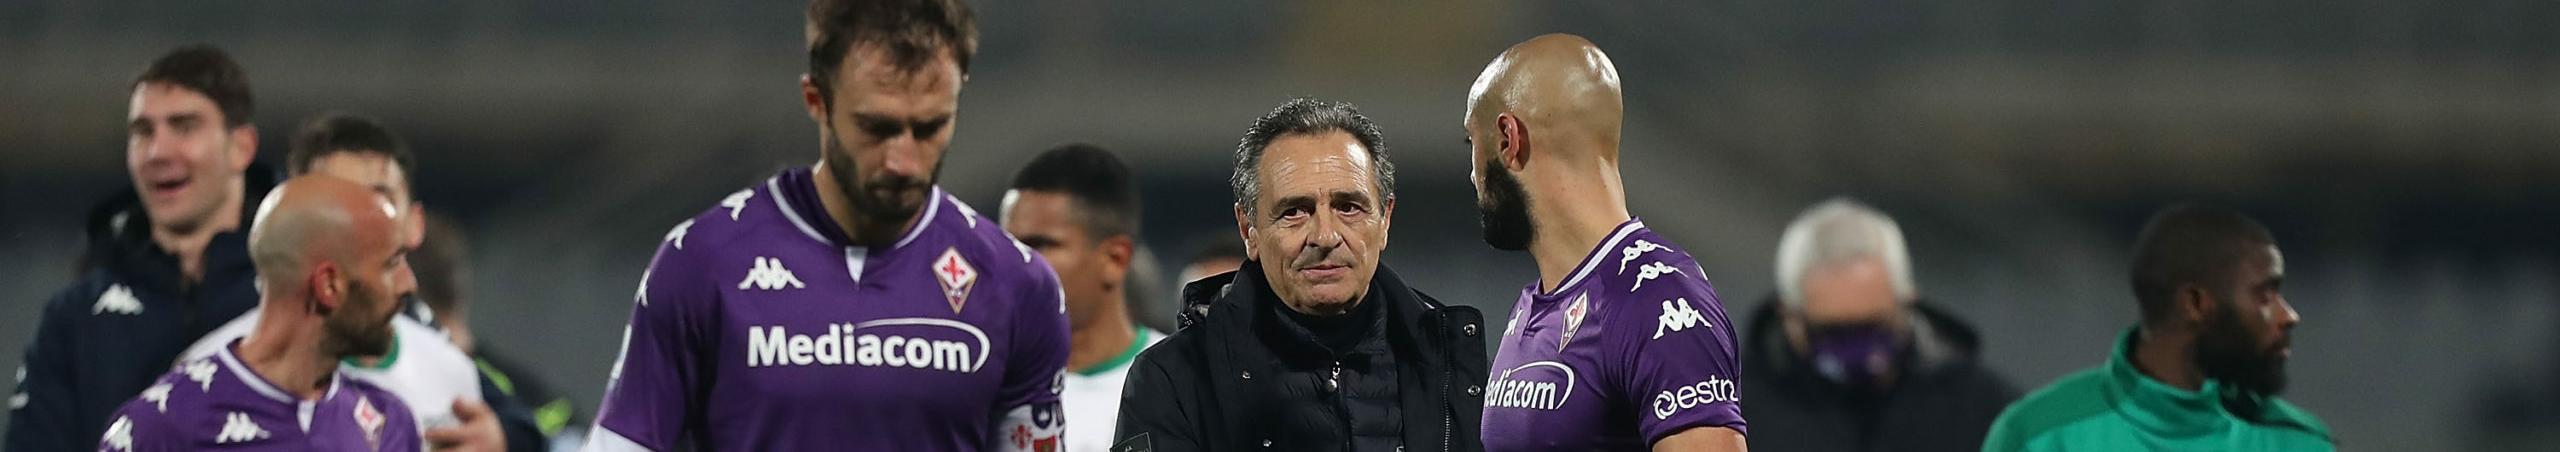 Benevento-Fiorentina, chi si ferma ancora è nei guai